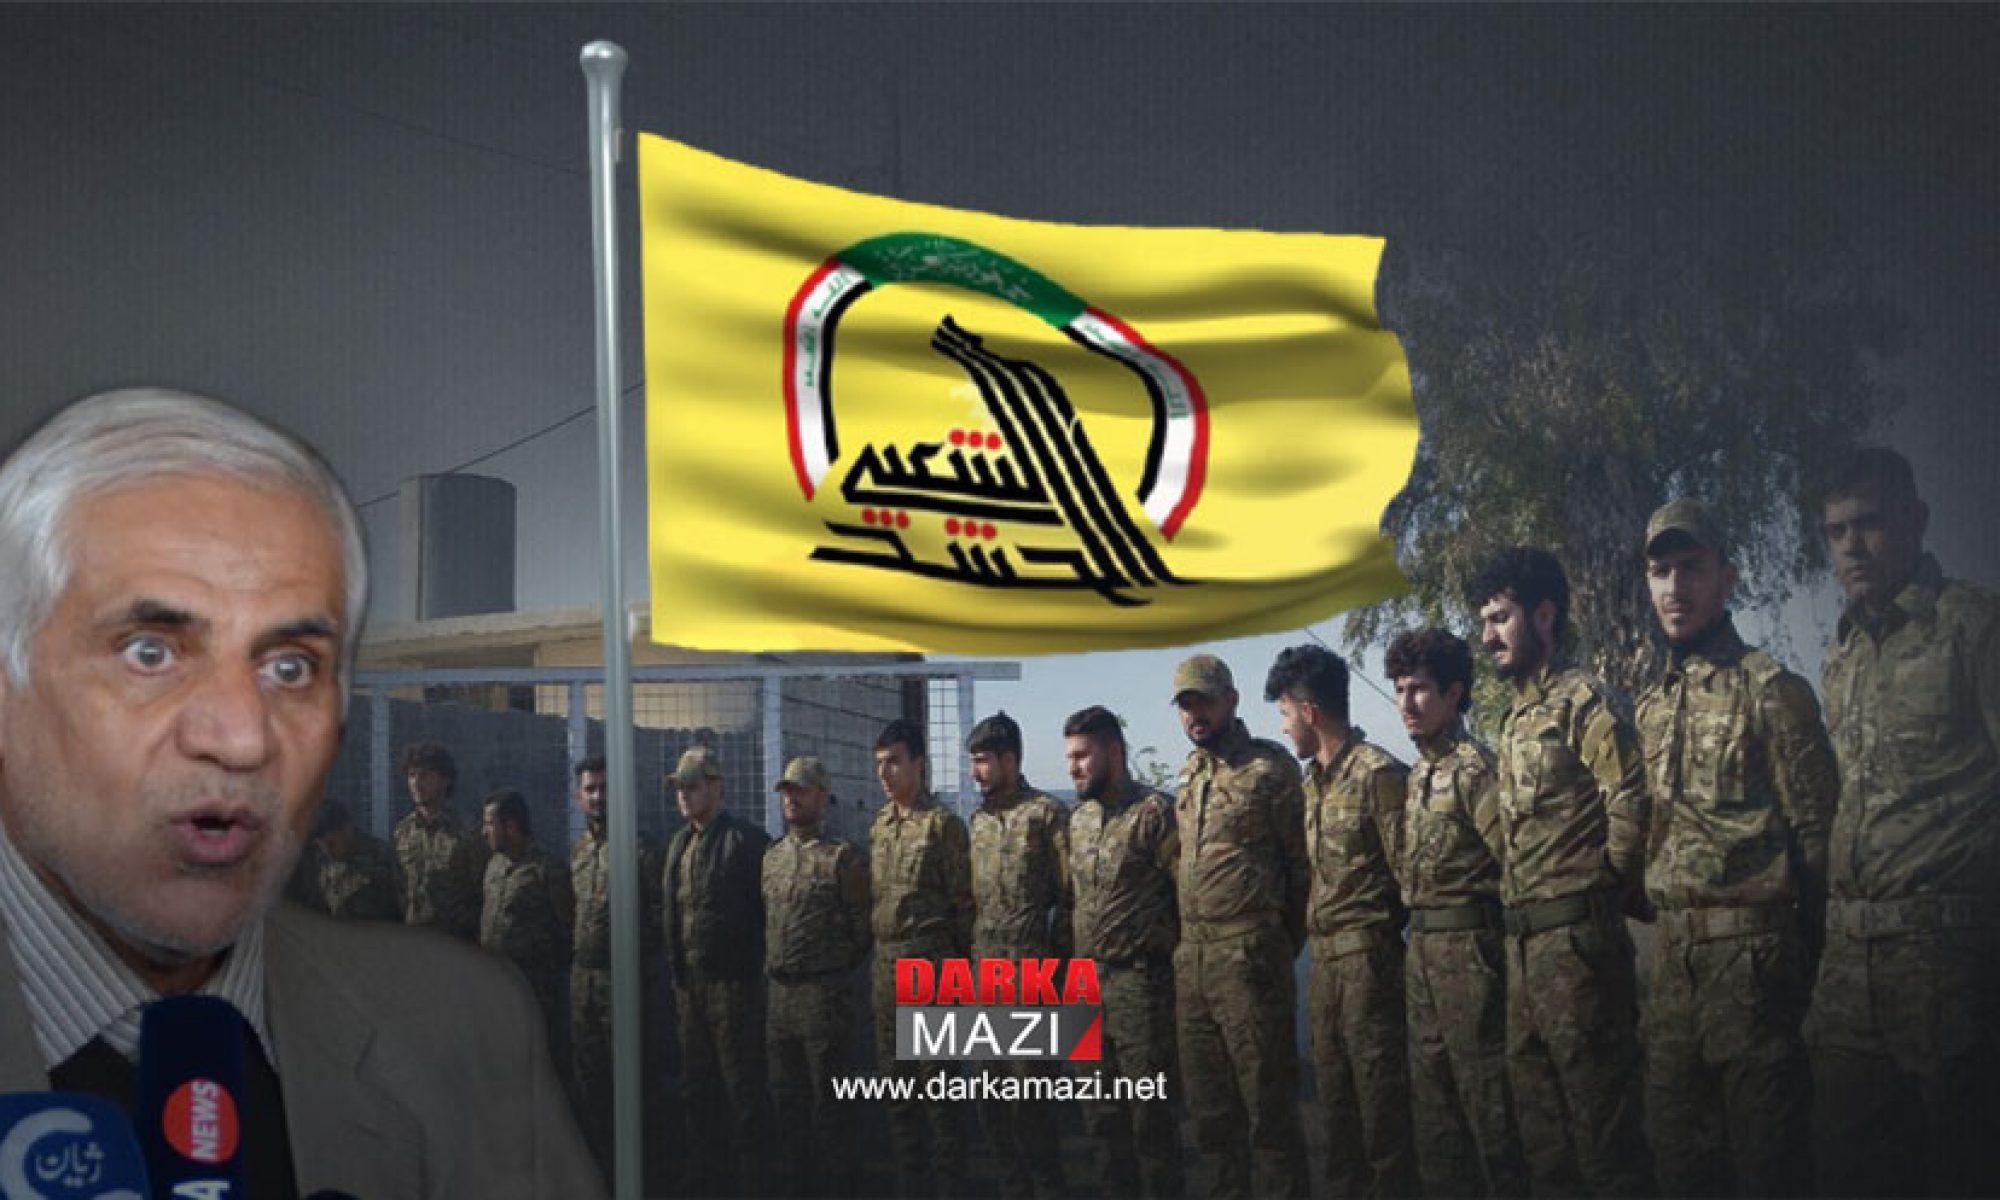 Kürt Sosyal Medya kullanıcıları: Kürtlerin Haşdi Şabi'ye dahil olması yeni cahşlık modelidir, PKK; Dubiz, Kerkük, Şii, Kasım Süleymani,